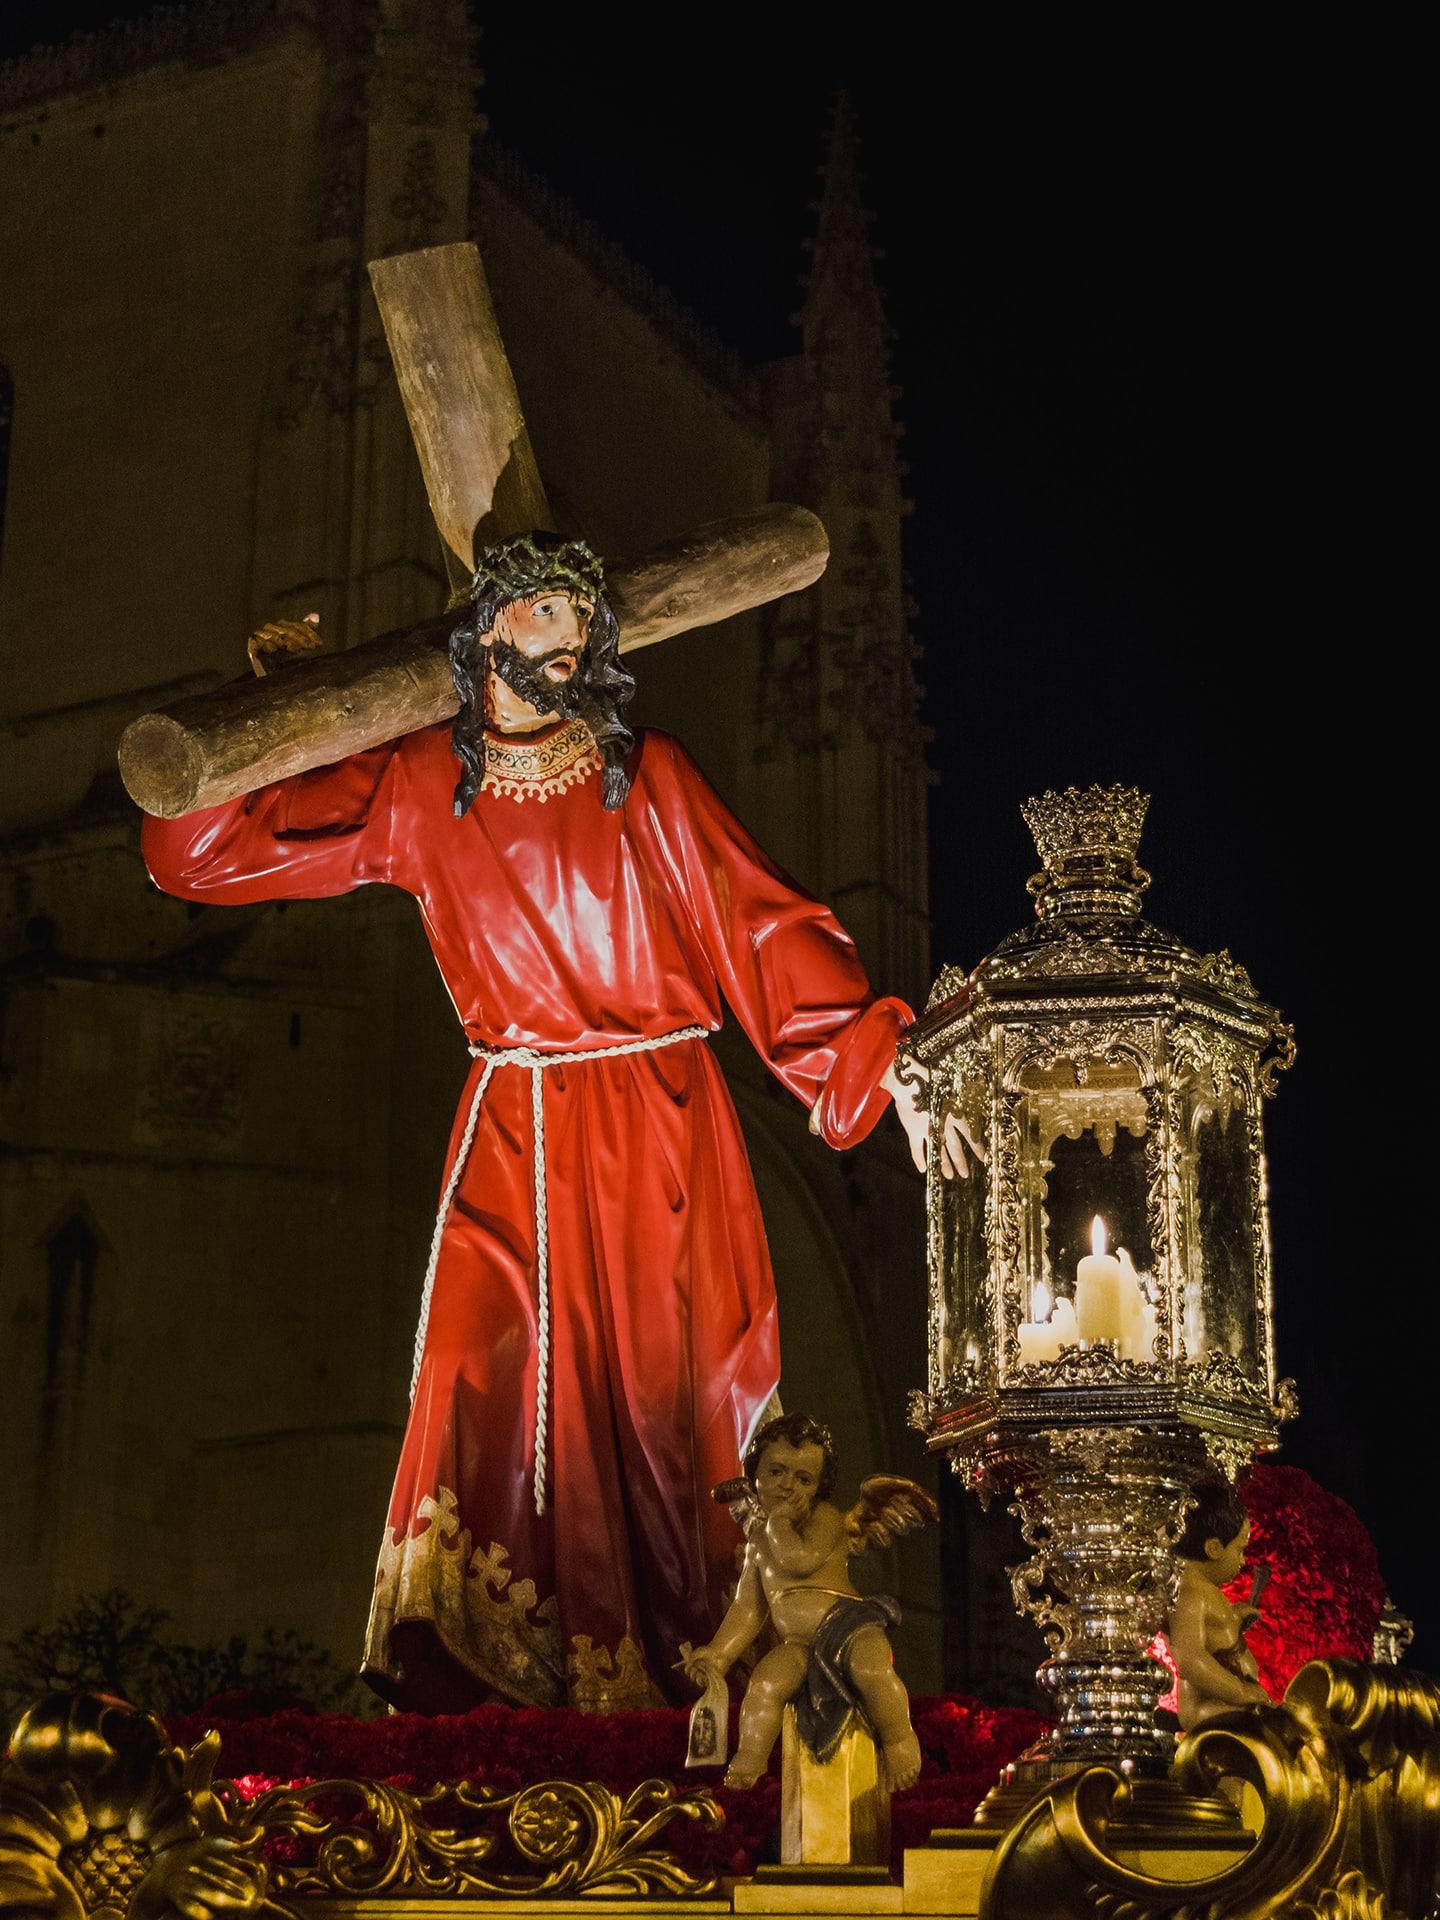 Jesus con la cruz a cuestas, ADEMAR, jueves santo, Segovia (Manu Rodrigo)